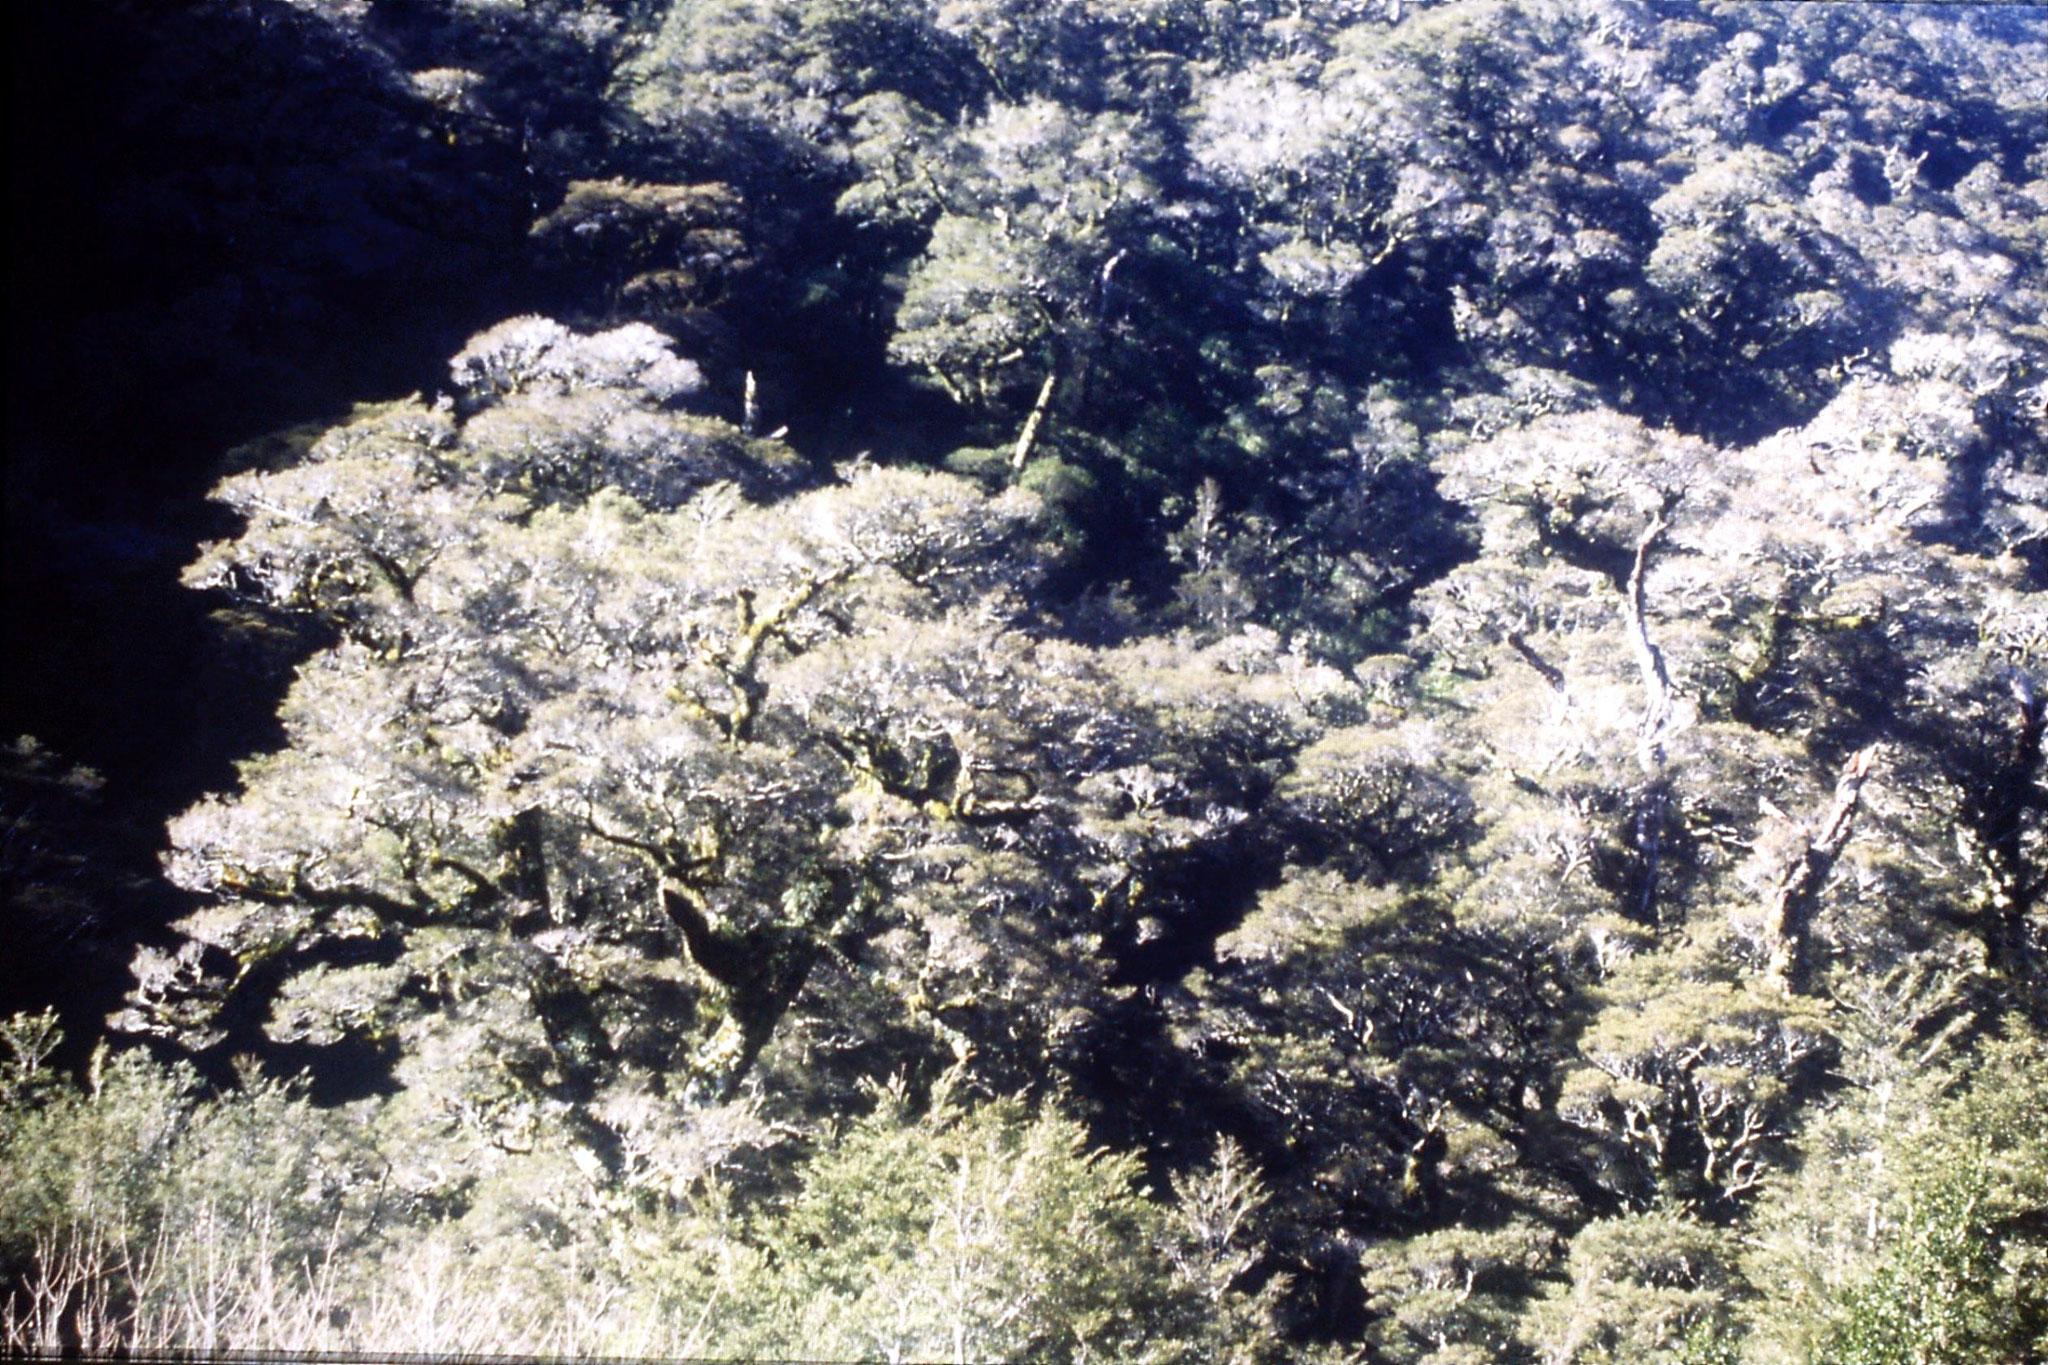 15/8/1990: 3: trees at 'Divide' alt. 531m